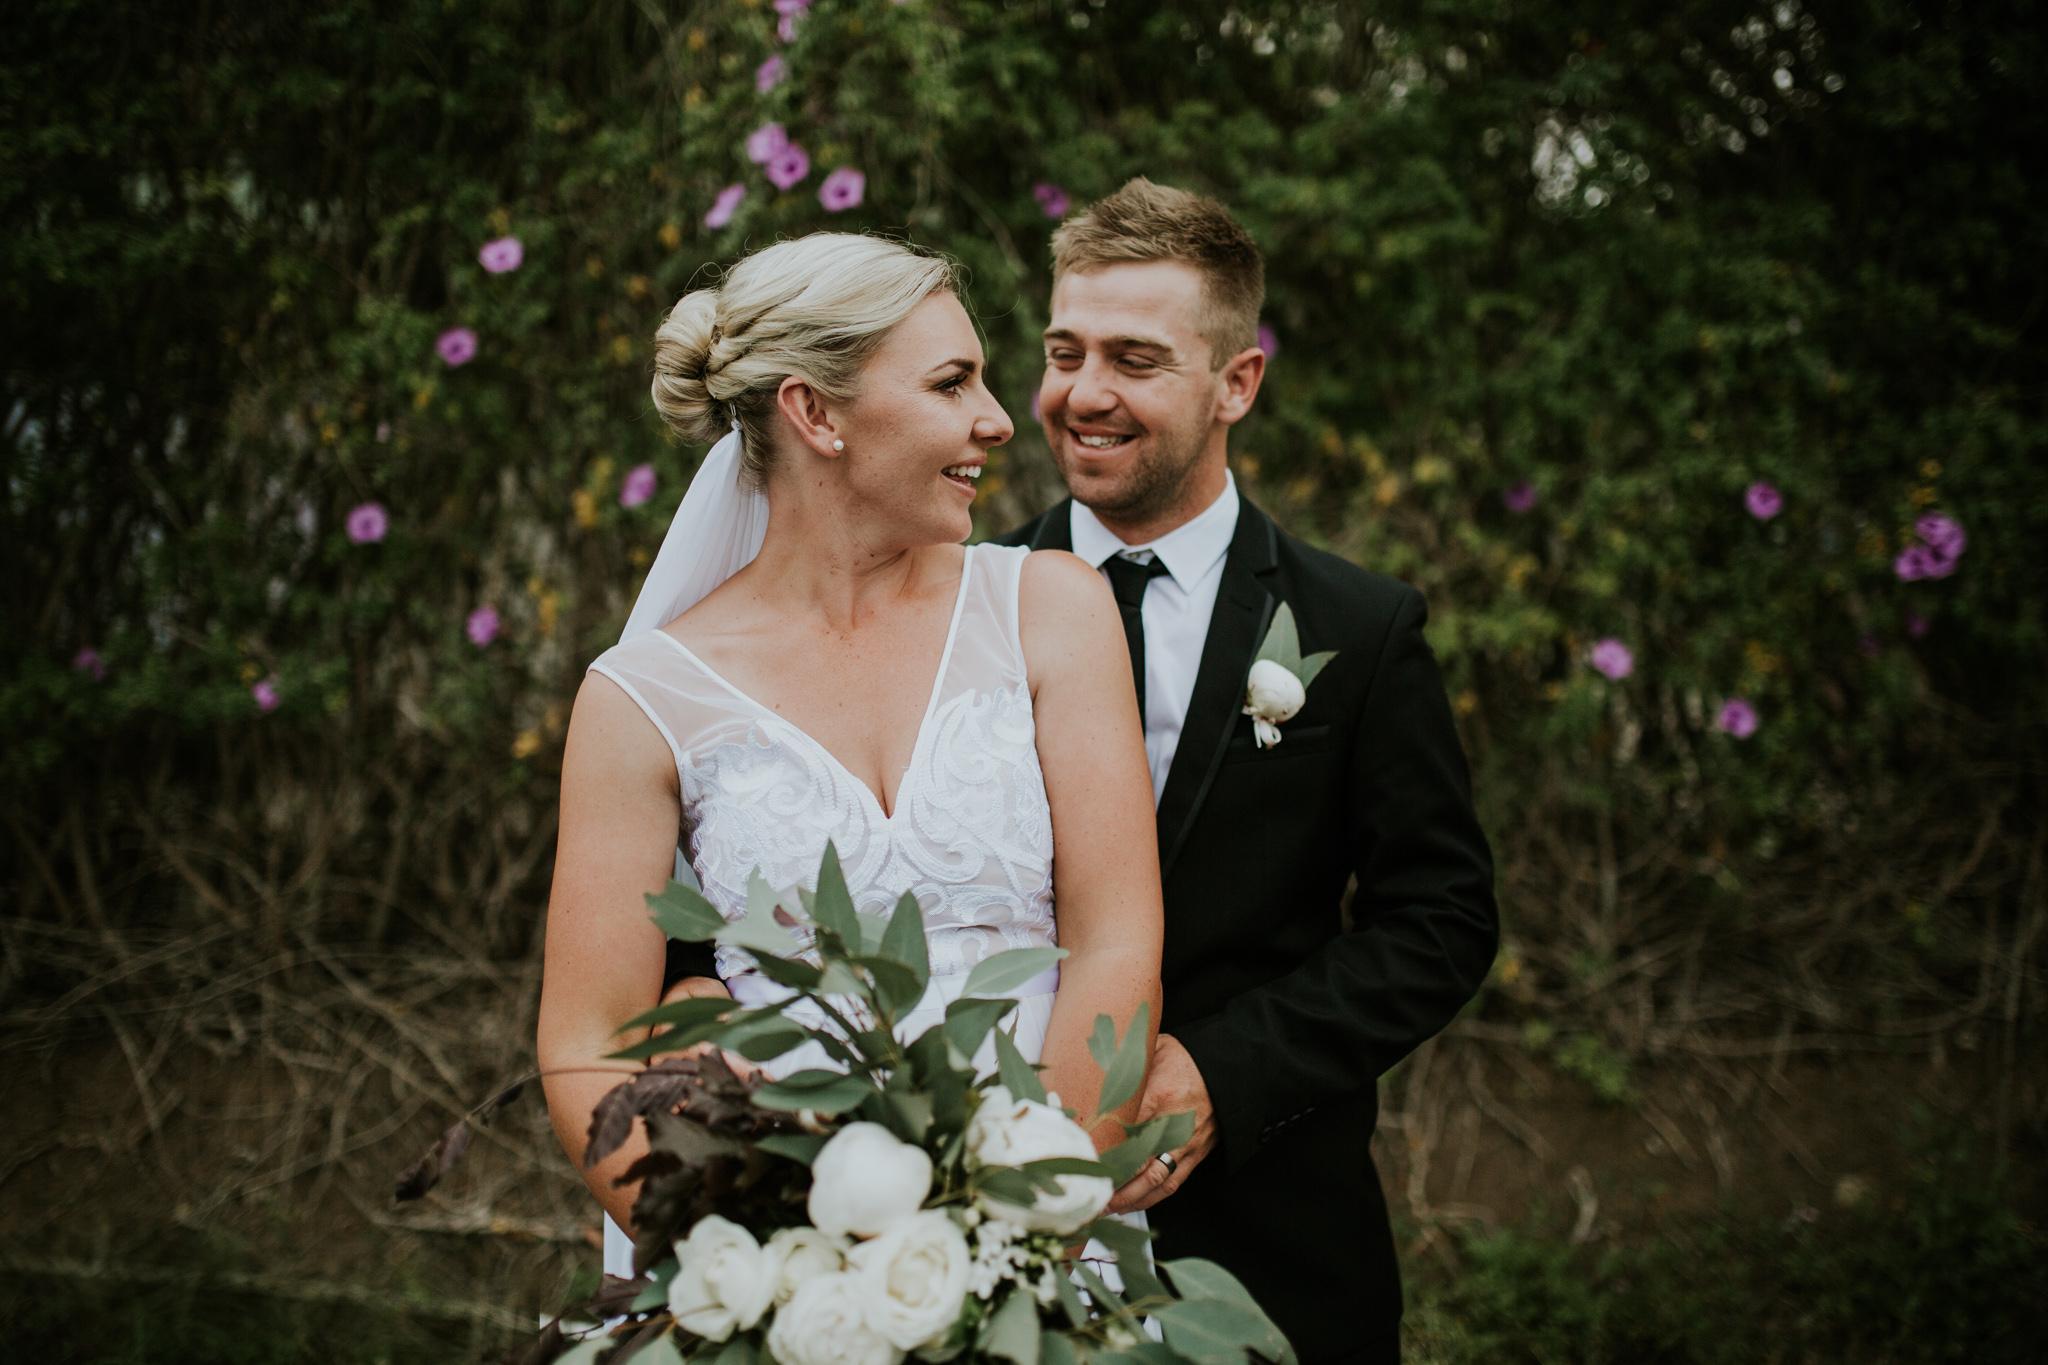 Lucy+Kyle+Kiama+Sebel+wedding-115.jpg